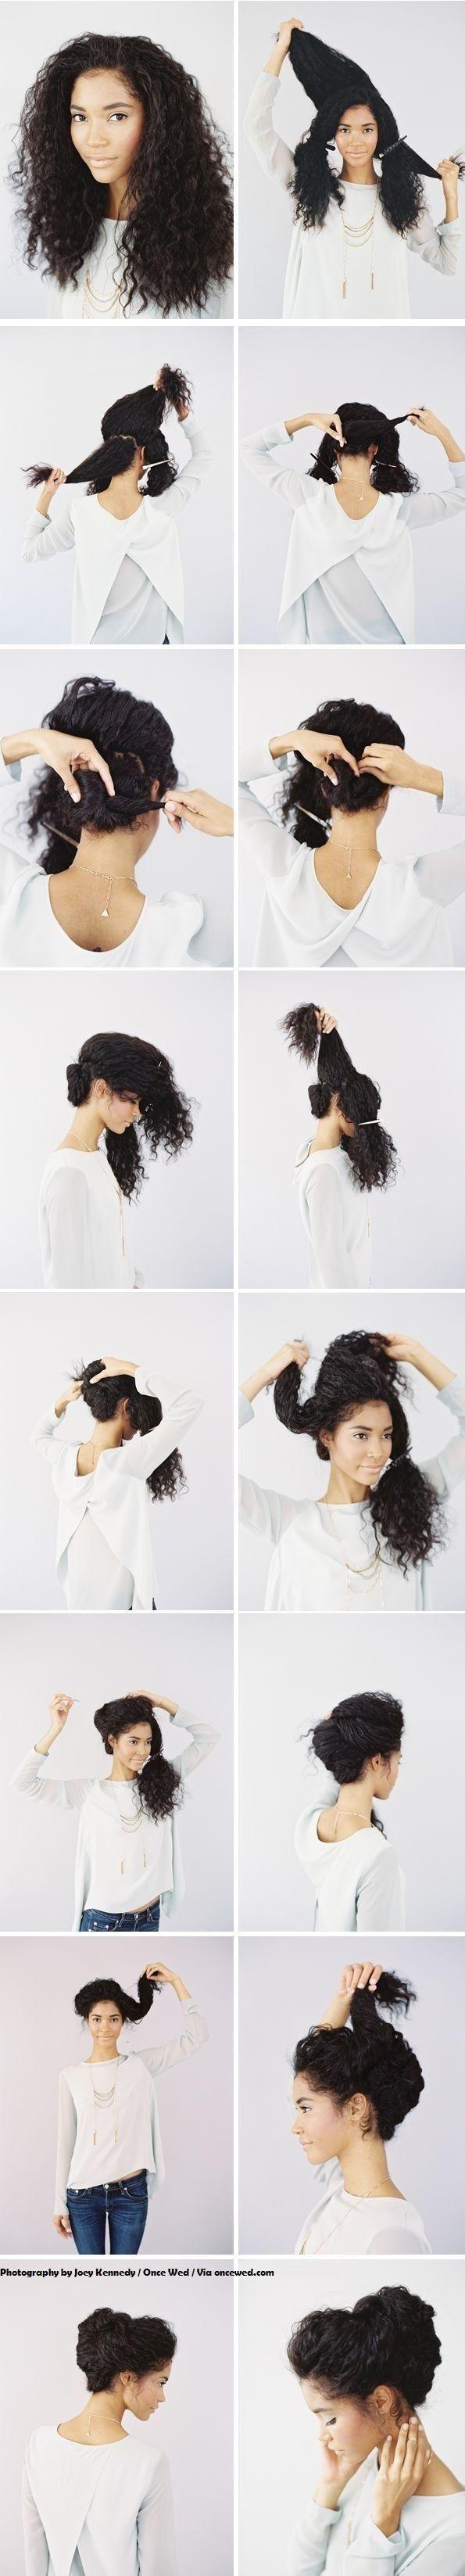 styles de coiffures magnifiques pour les cheveux bouclés